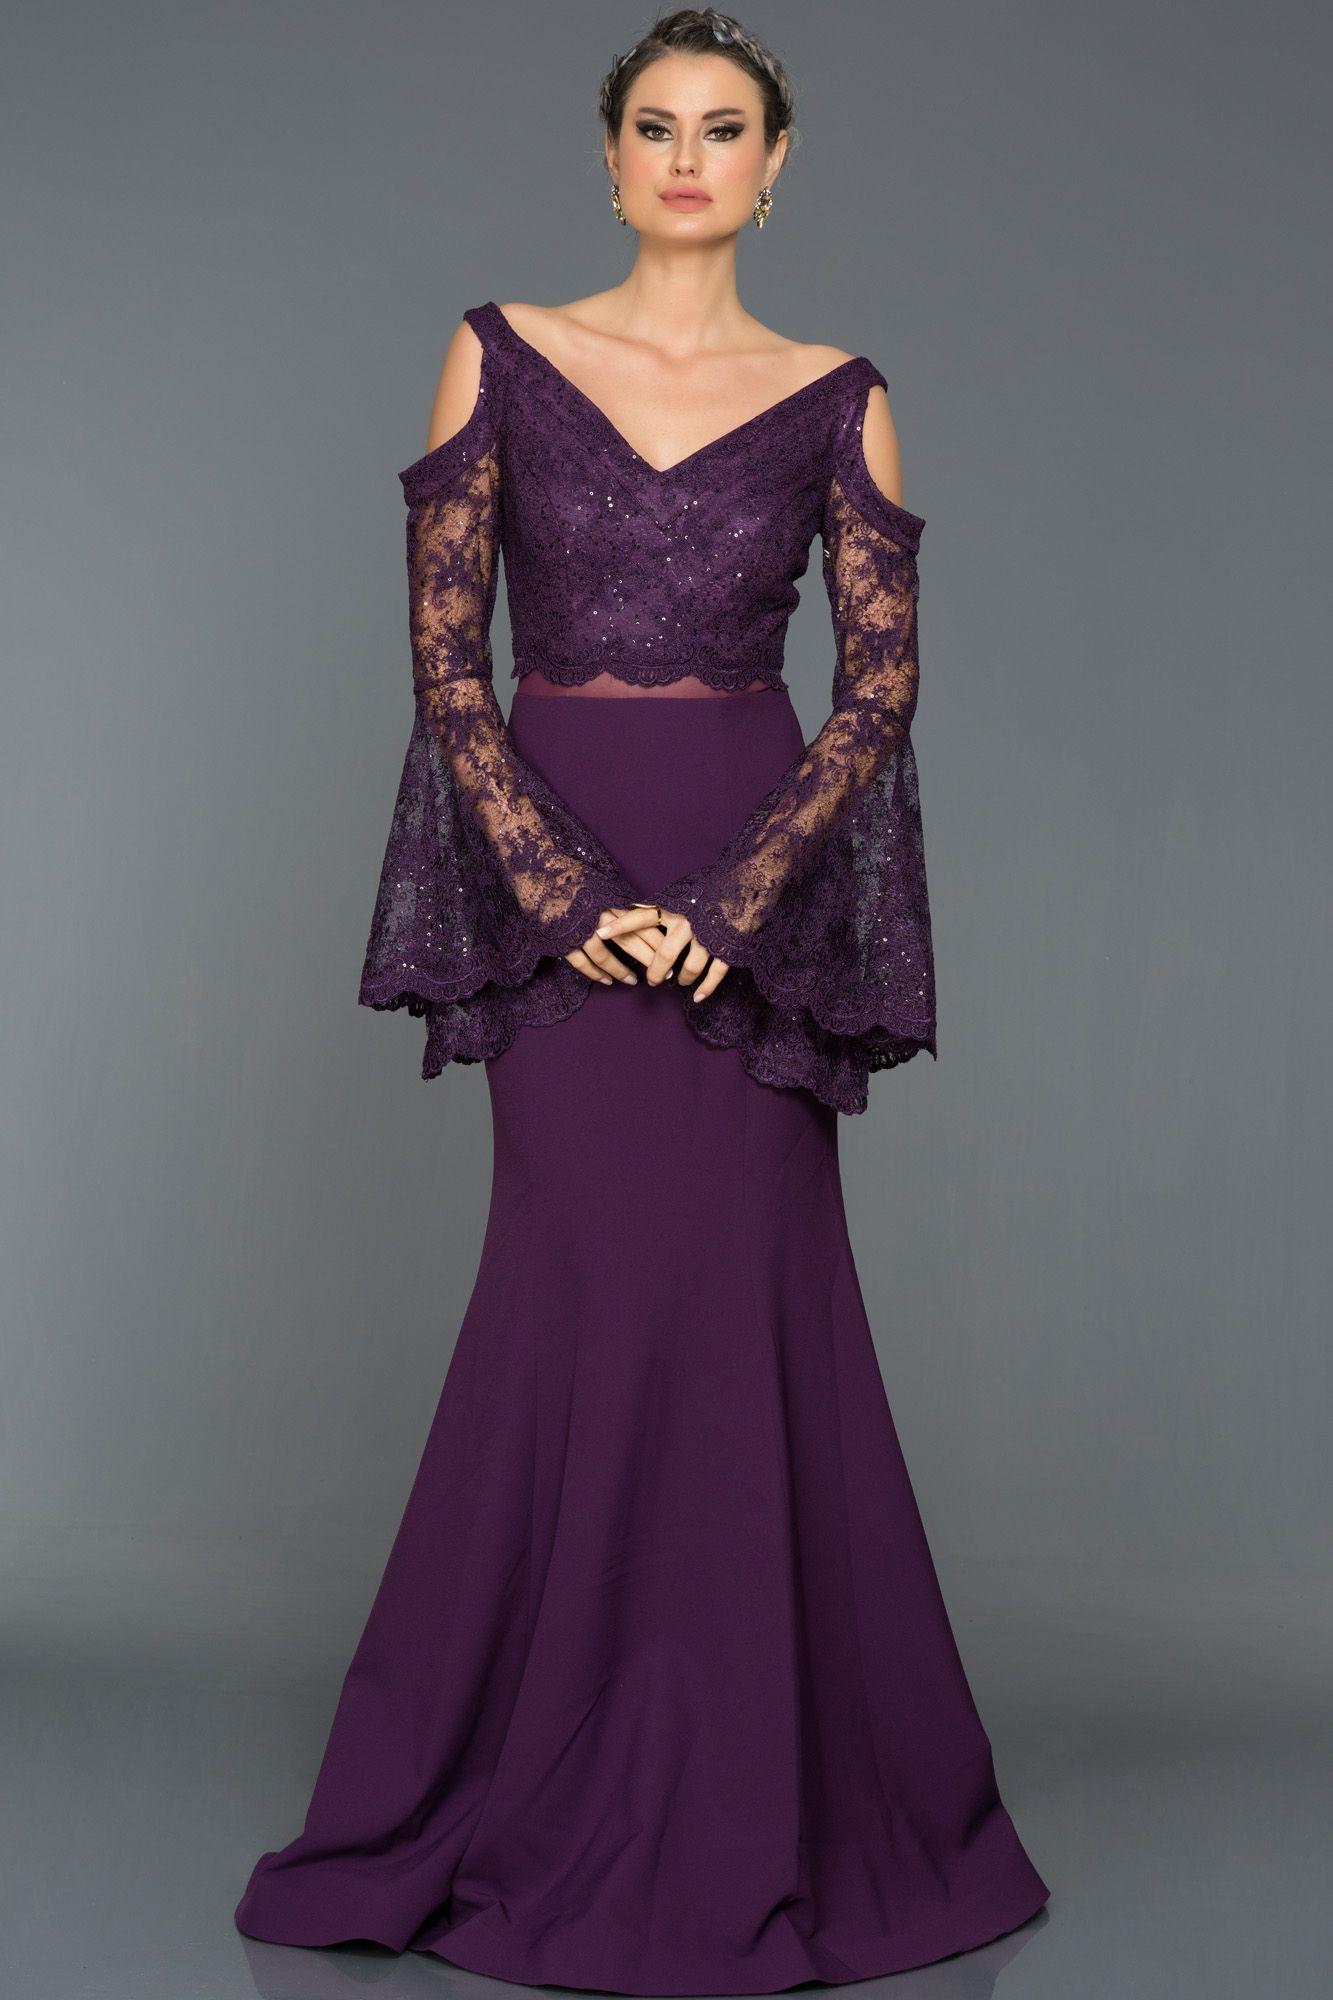 Mor Dantel Kollu Balik Abiye Gg7016 Kiyafet Elbise Modelleri Elbise